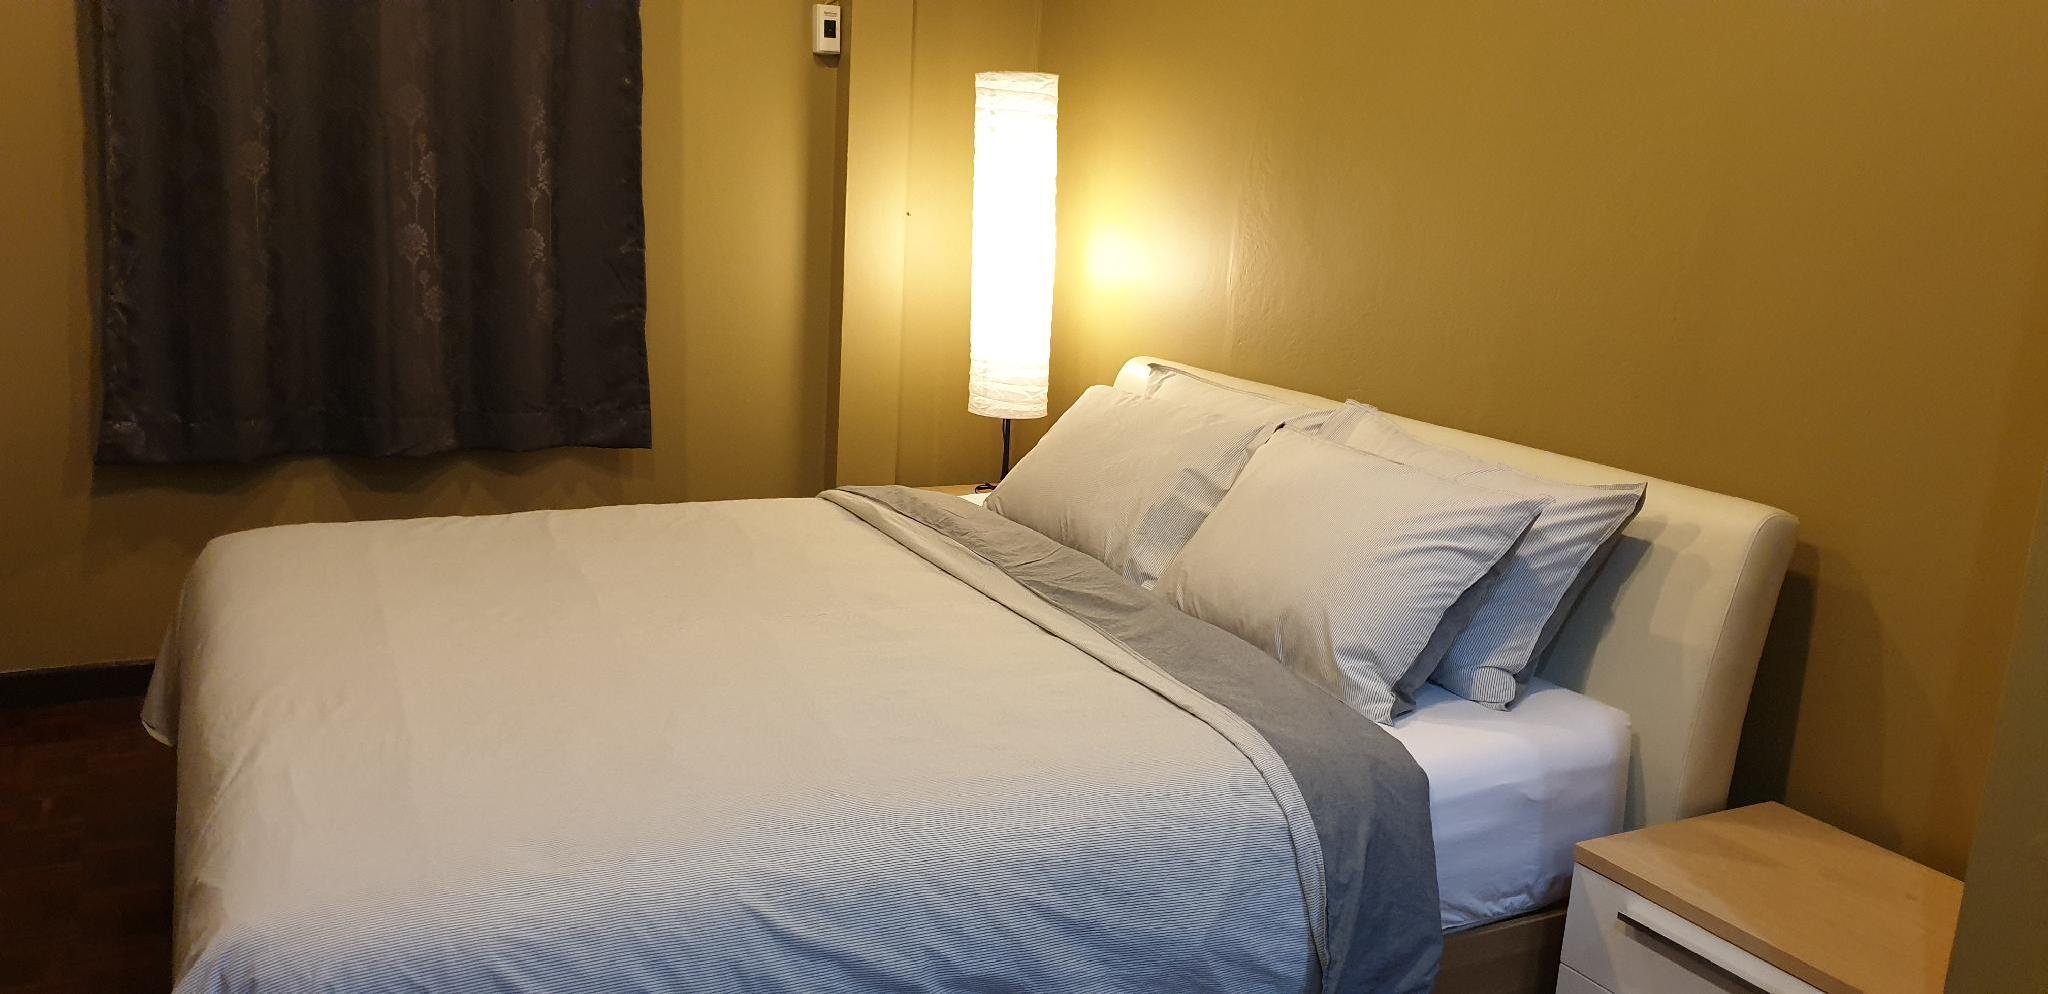 Prachachuen Airport Lantern 2 Bedrooms Residence